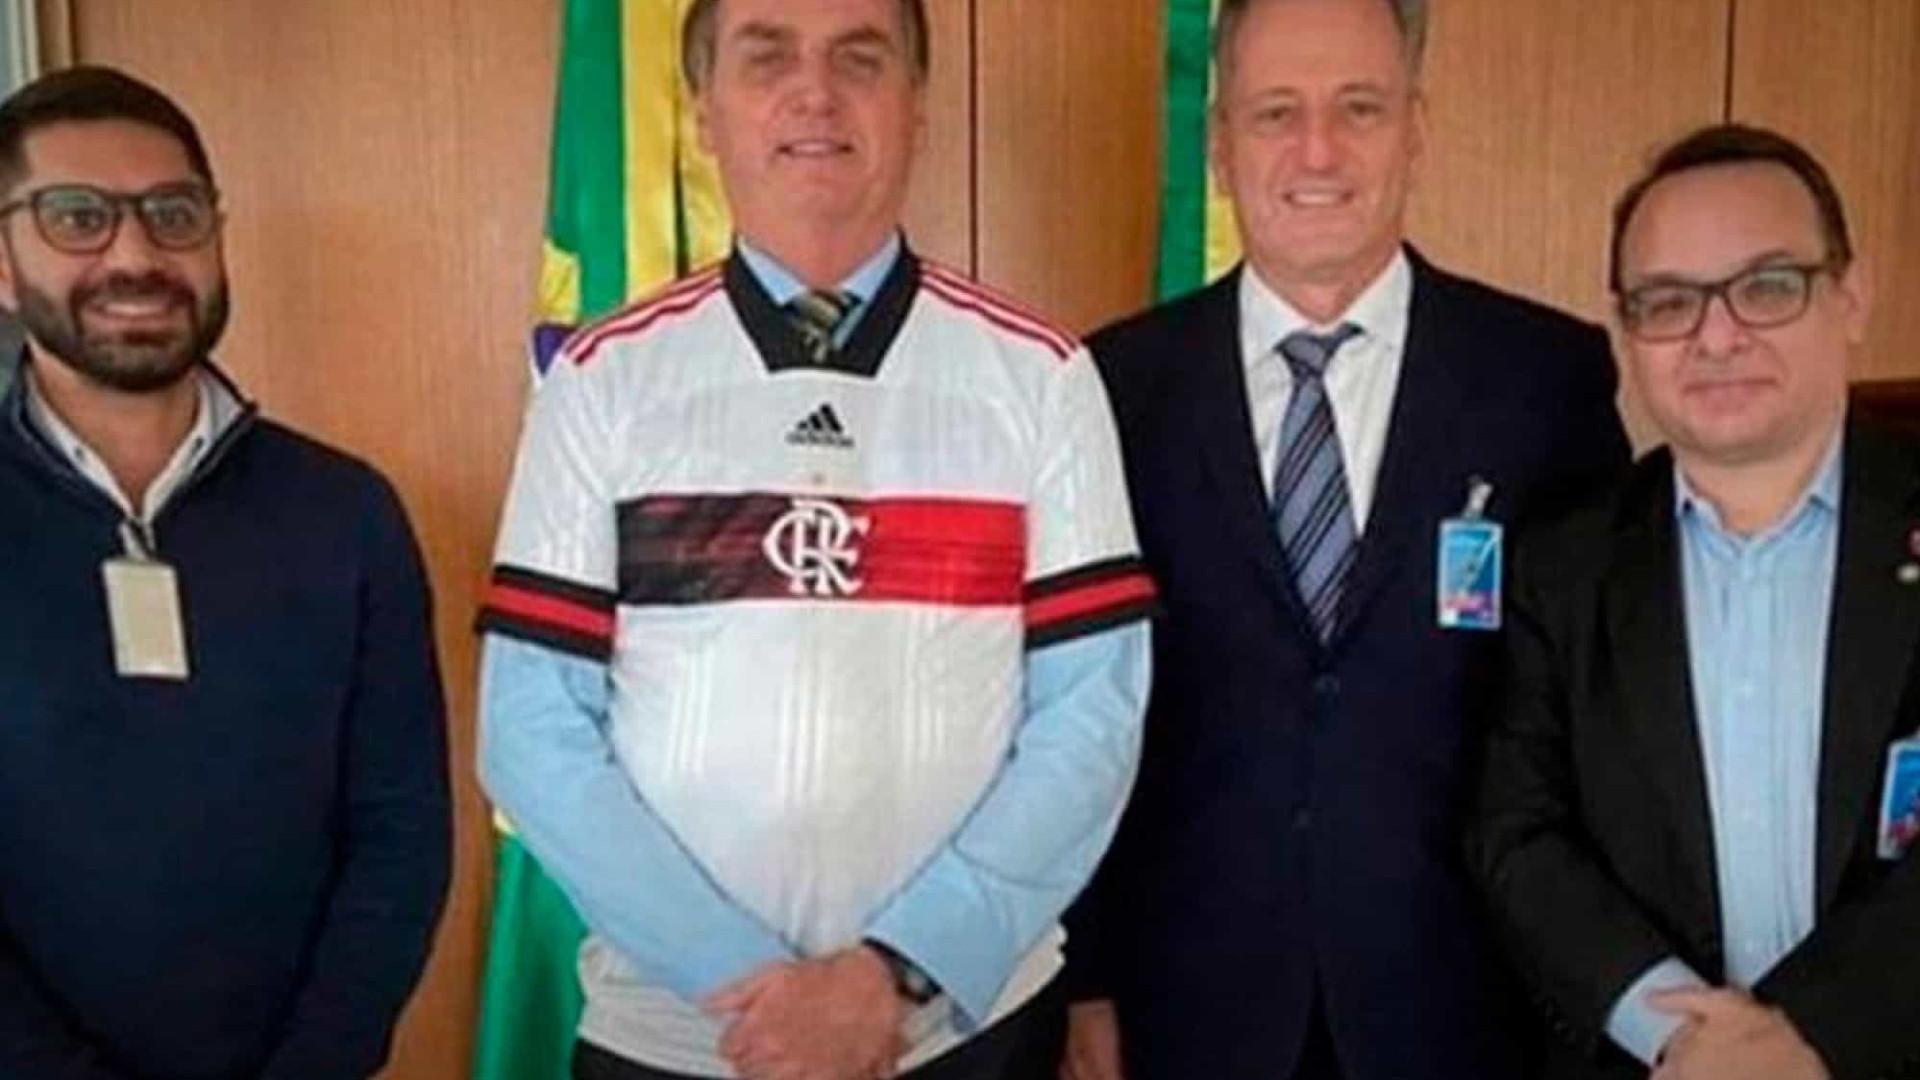 Presidente do Fla defende encontro com Bolsonaro e critica intolerância